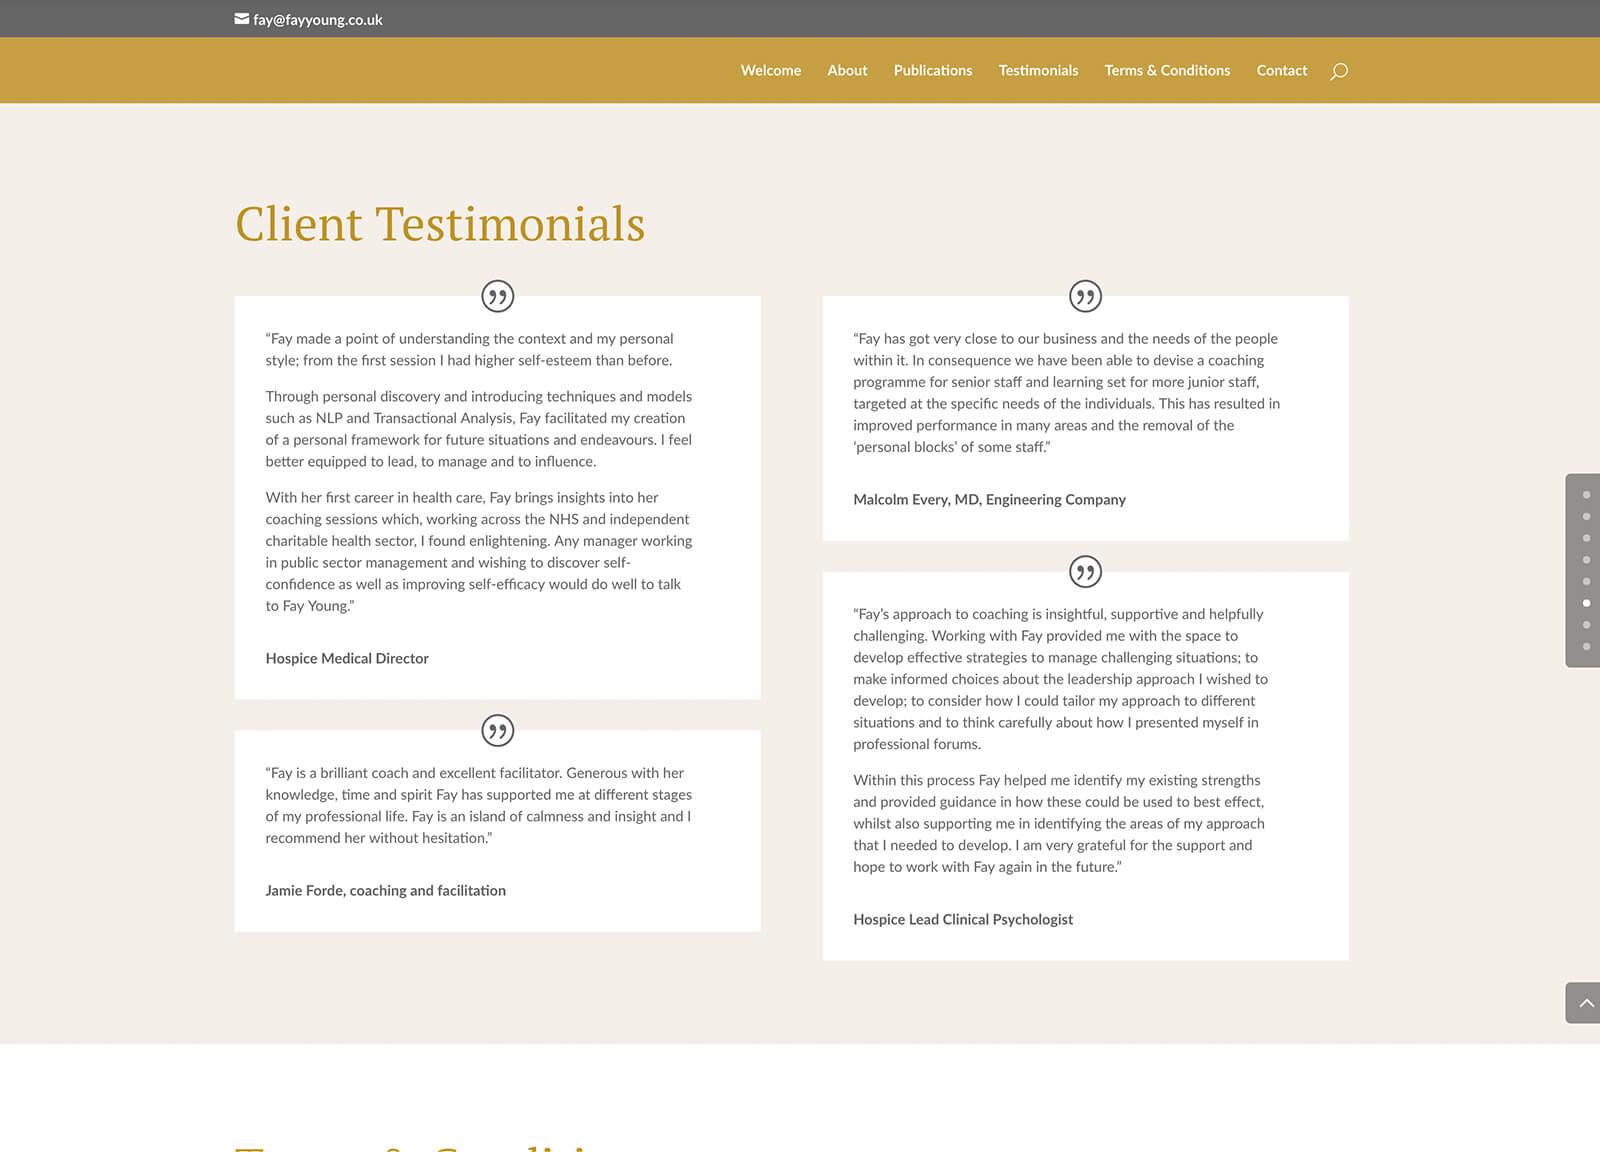 Quick website design for local self-employed consultant website: Testimonials